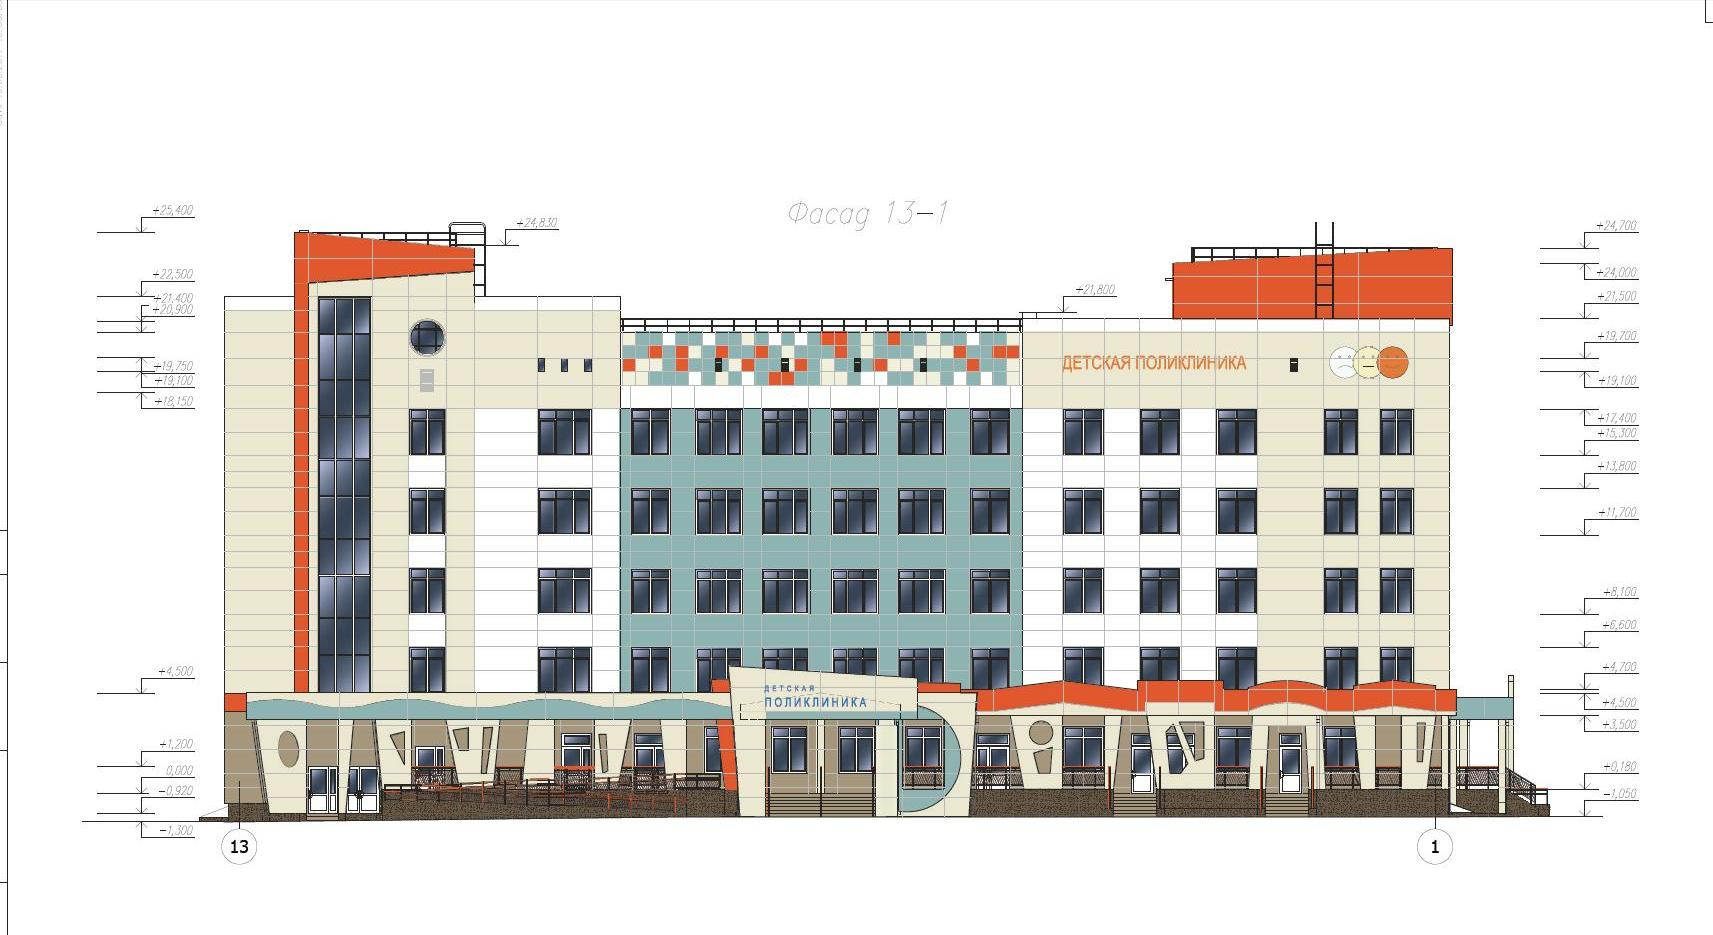 Готова проектно-сметная документация на строительство детской поликлиники во Фрунзенском районе Ярославля